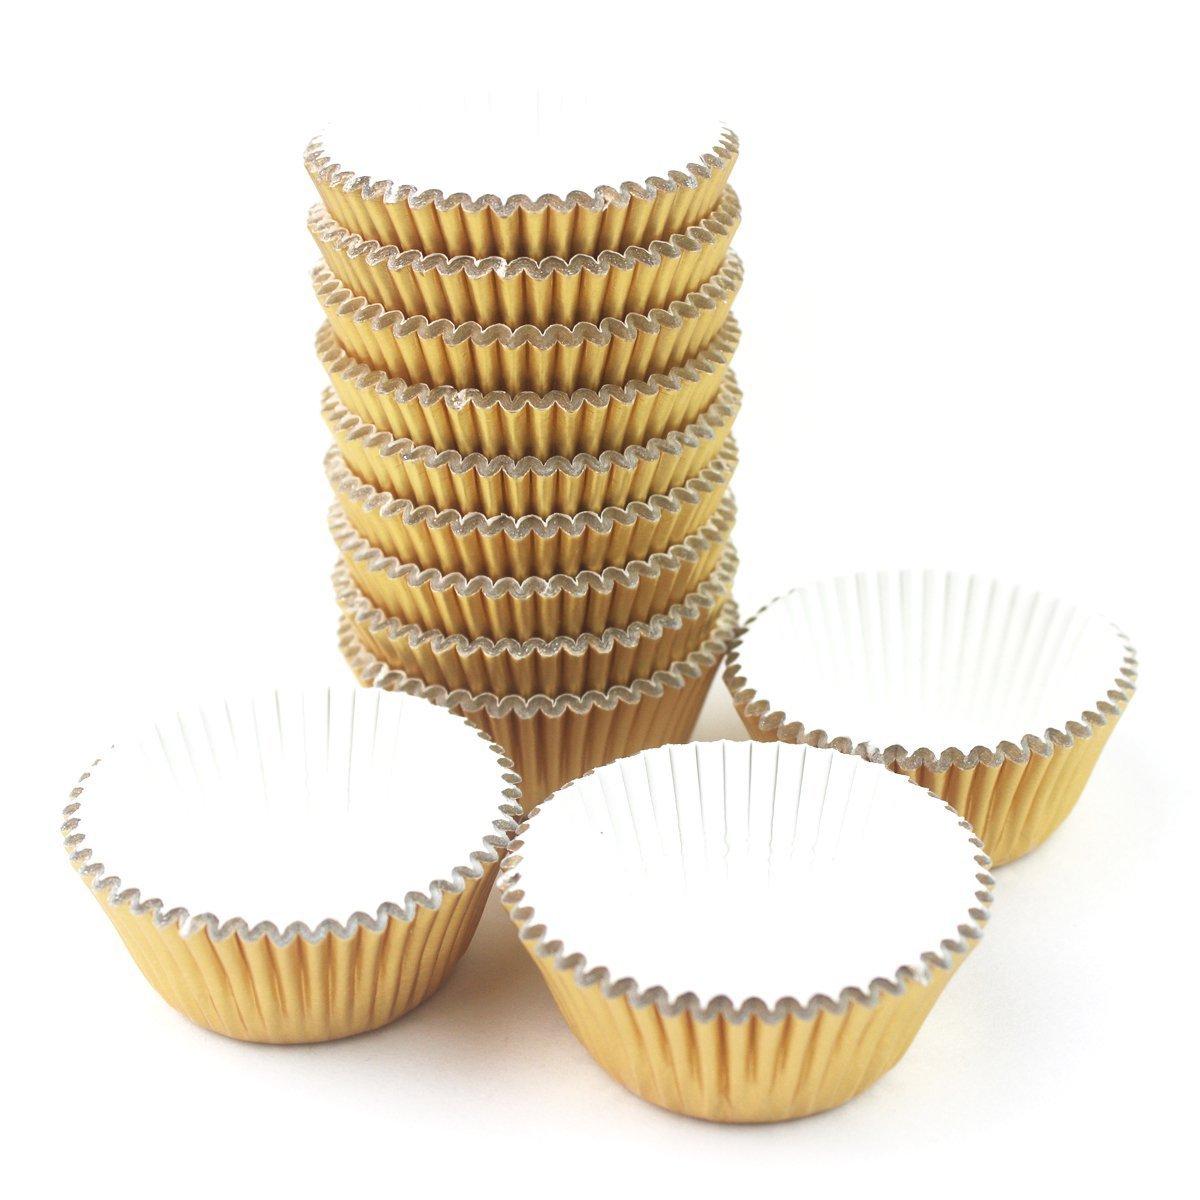 SODIAL Mini Foil Paper Cupcake Cup Liners / Baking Cups 300 Pcs (Gold) 7.5*4.8*3cm Aluminum foil + paper